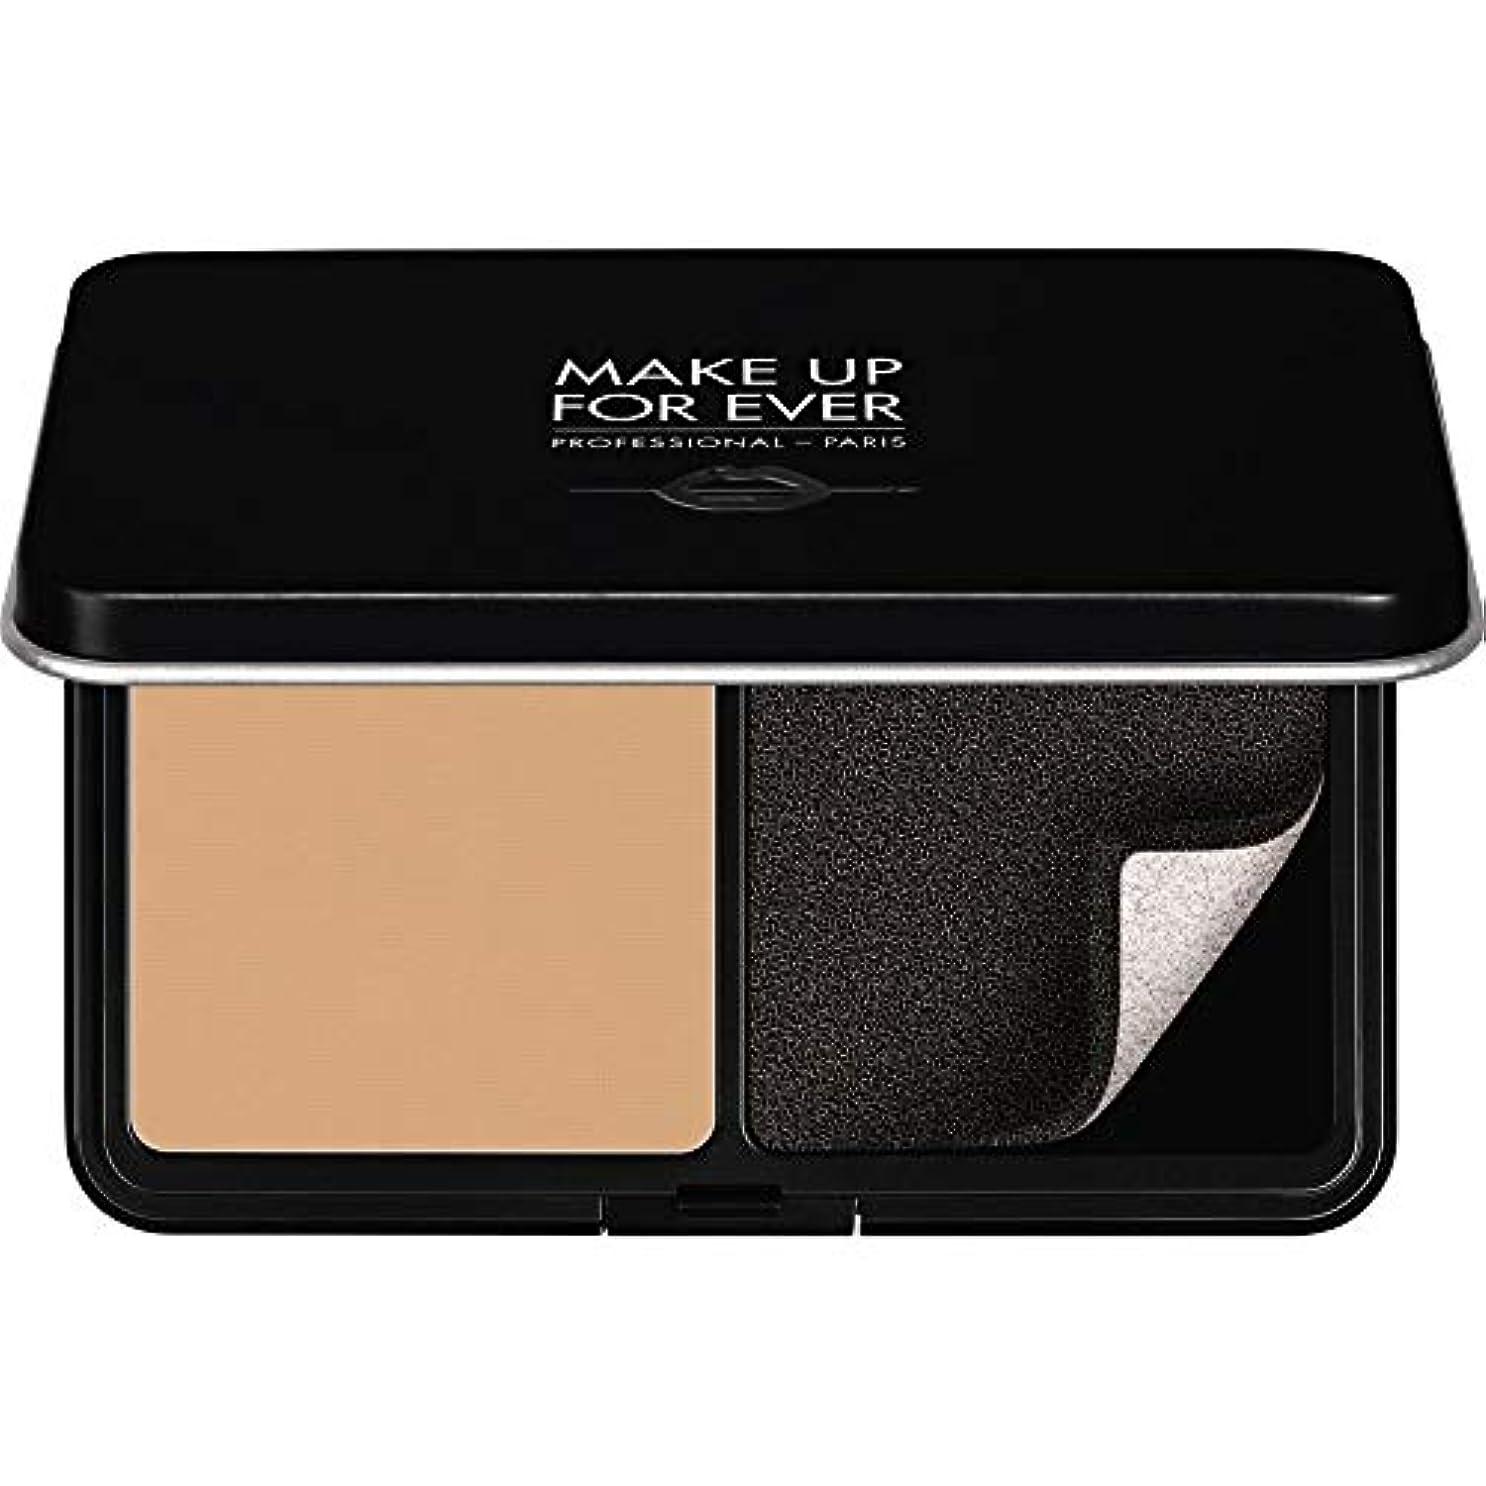 生活加害者マーティフィールディング[MAKE UP FOR EVER ] ニュートラルベージュ - パウダーファンデーション11GののY355をぼかし、これまでマットベルベットの肌を補います - MAKE UP FOR EVER Matte Velvet Skin Blurring Powder Foundation 11g Y355 - Neutral Beige [並行輸入品]